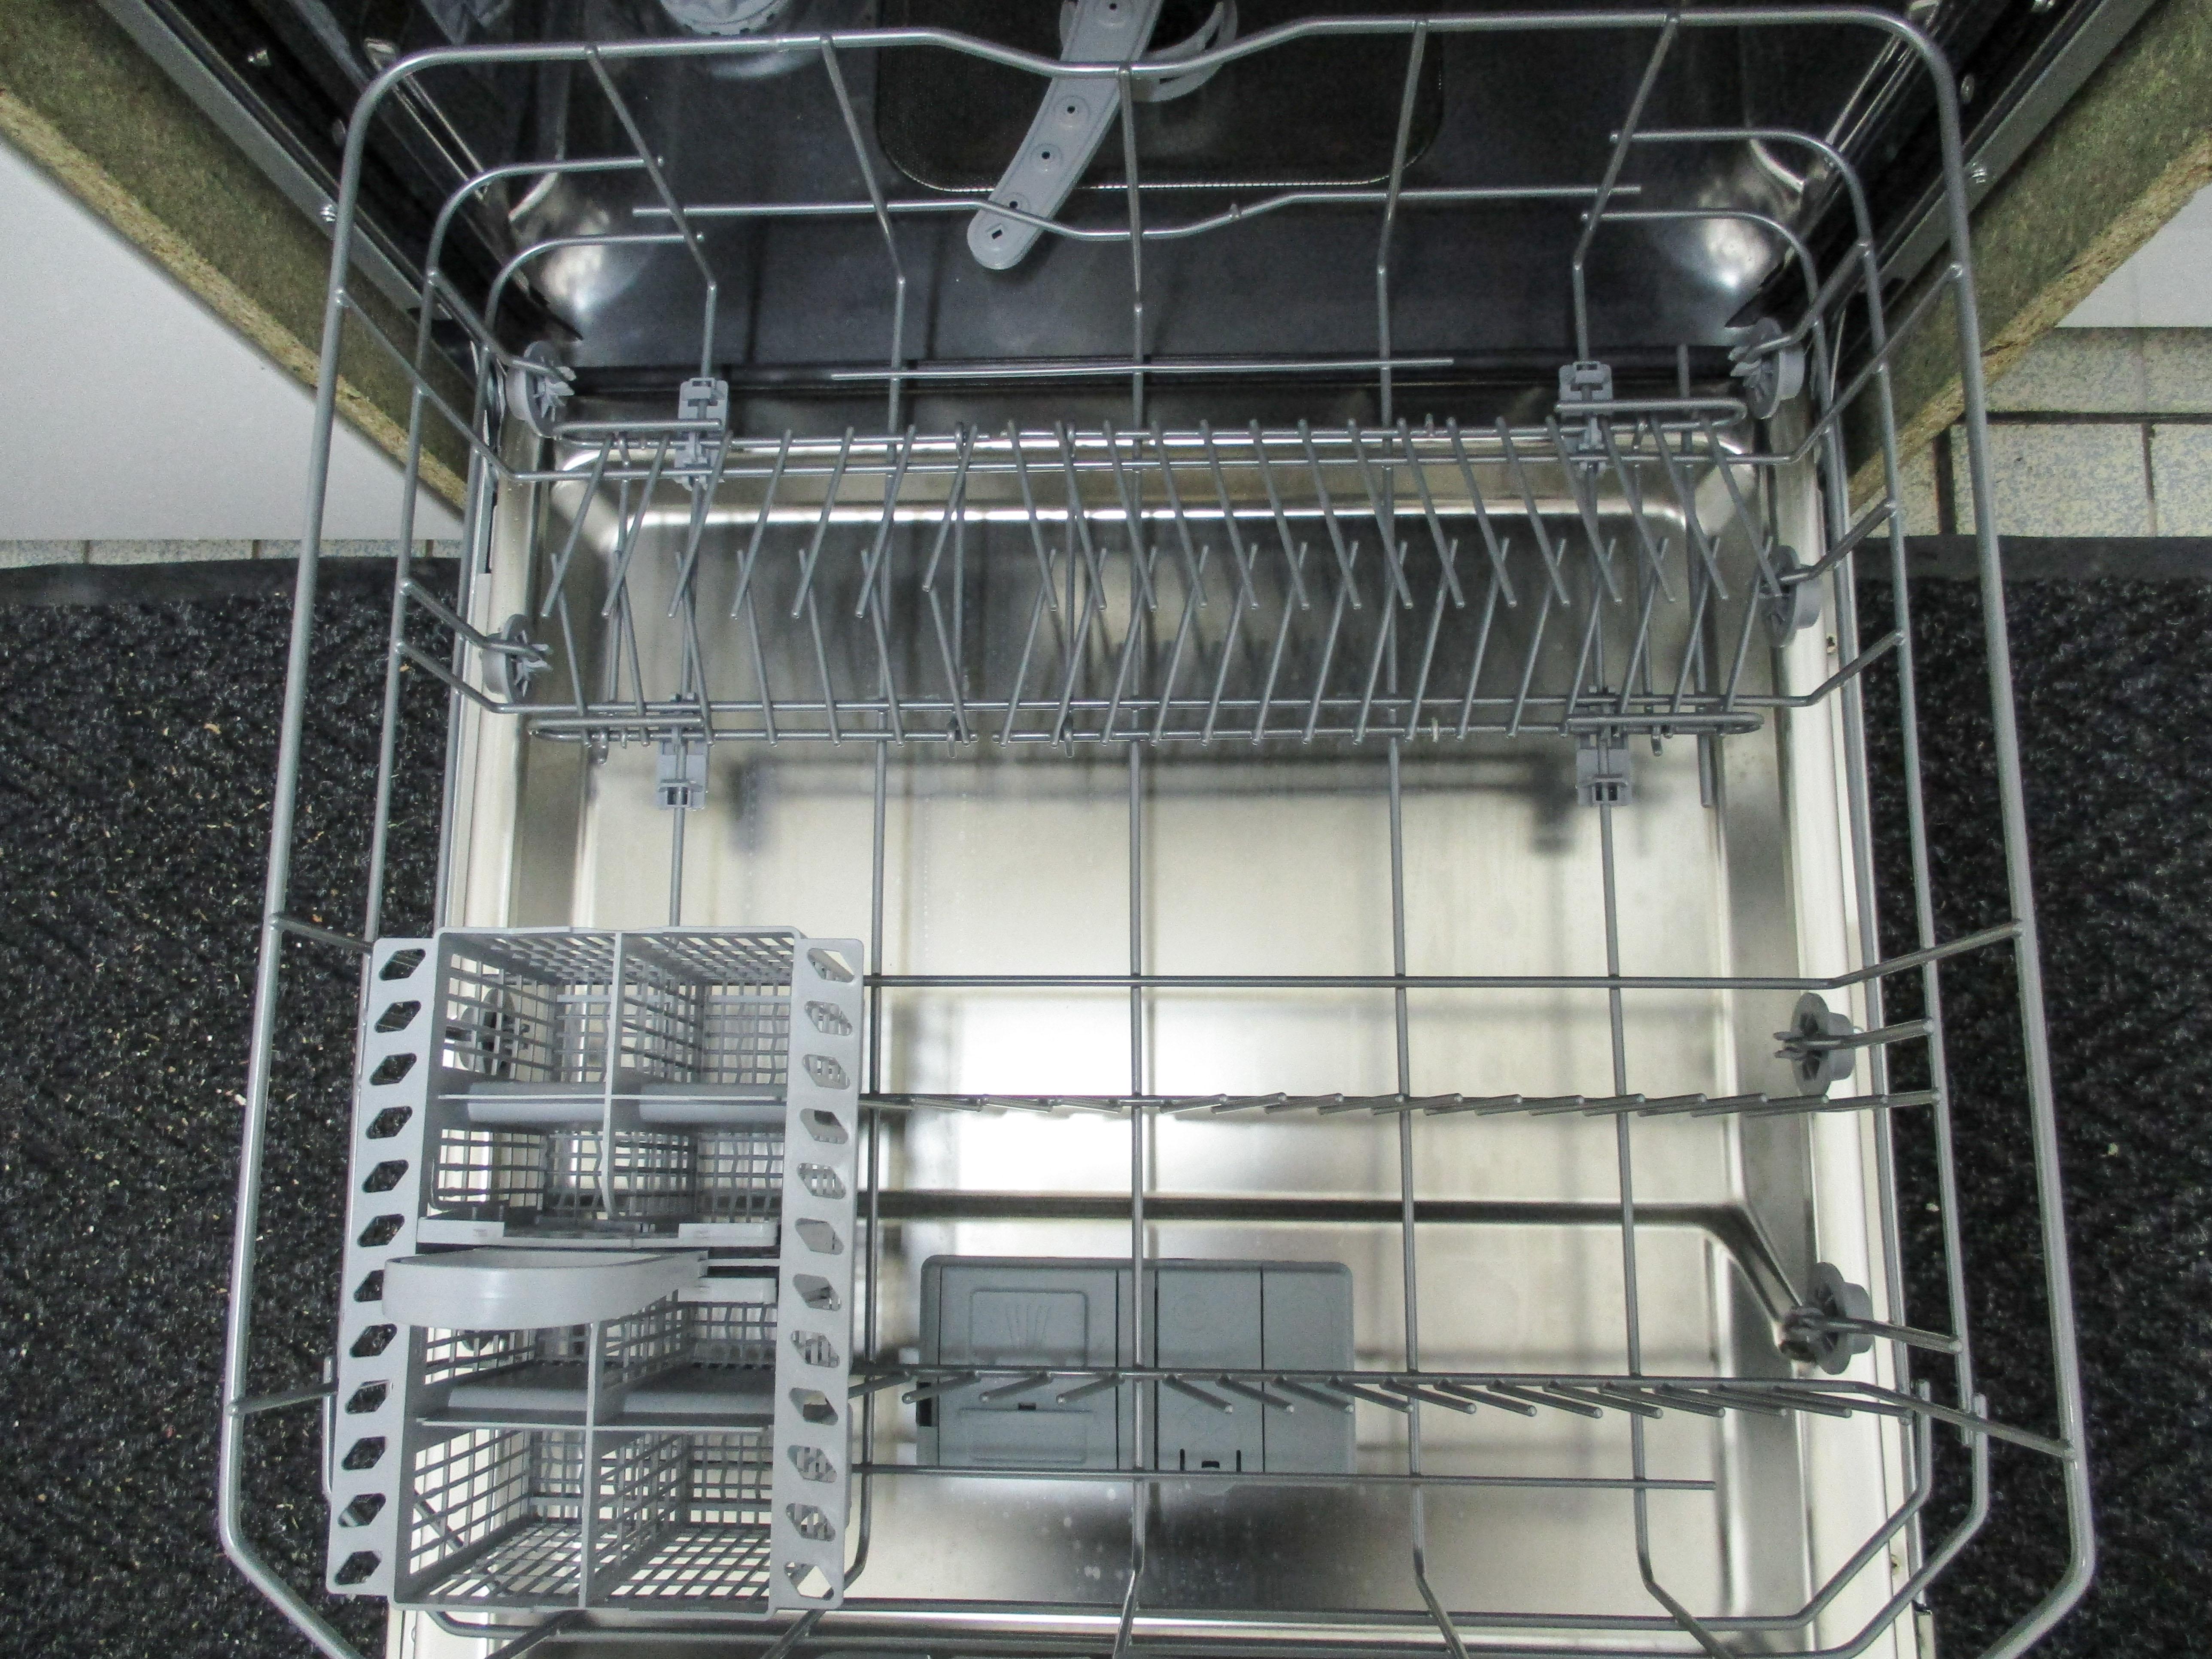 I dettagli del test sulla lavastoviglie HOTPOINT-ARISTON LTF11M1137L